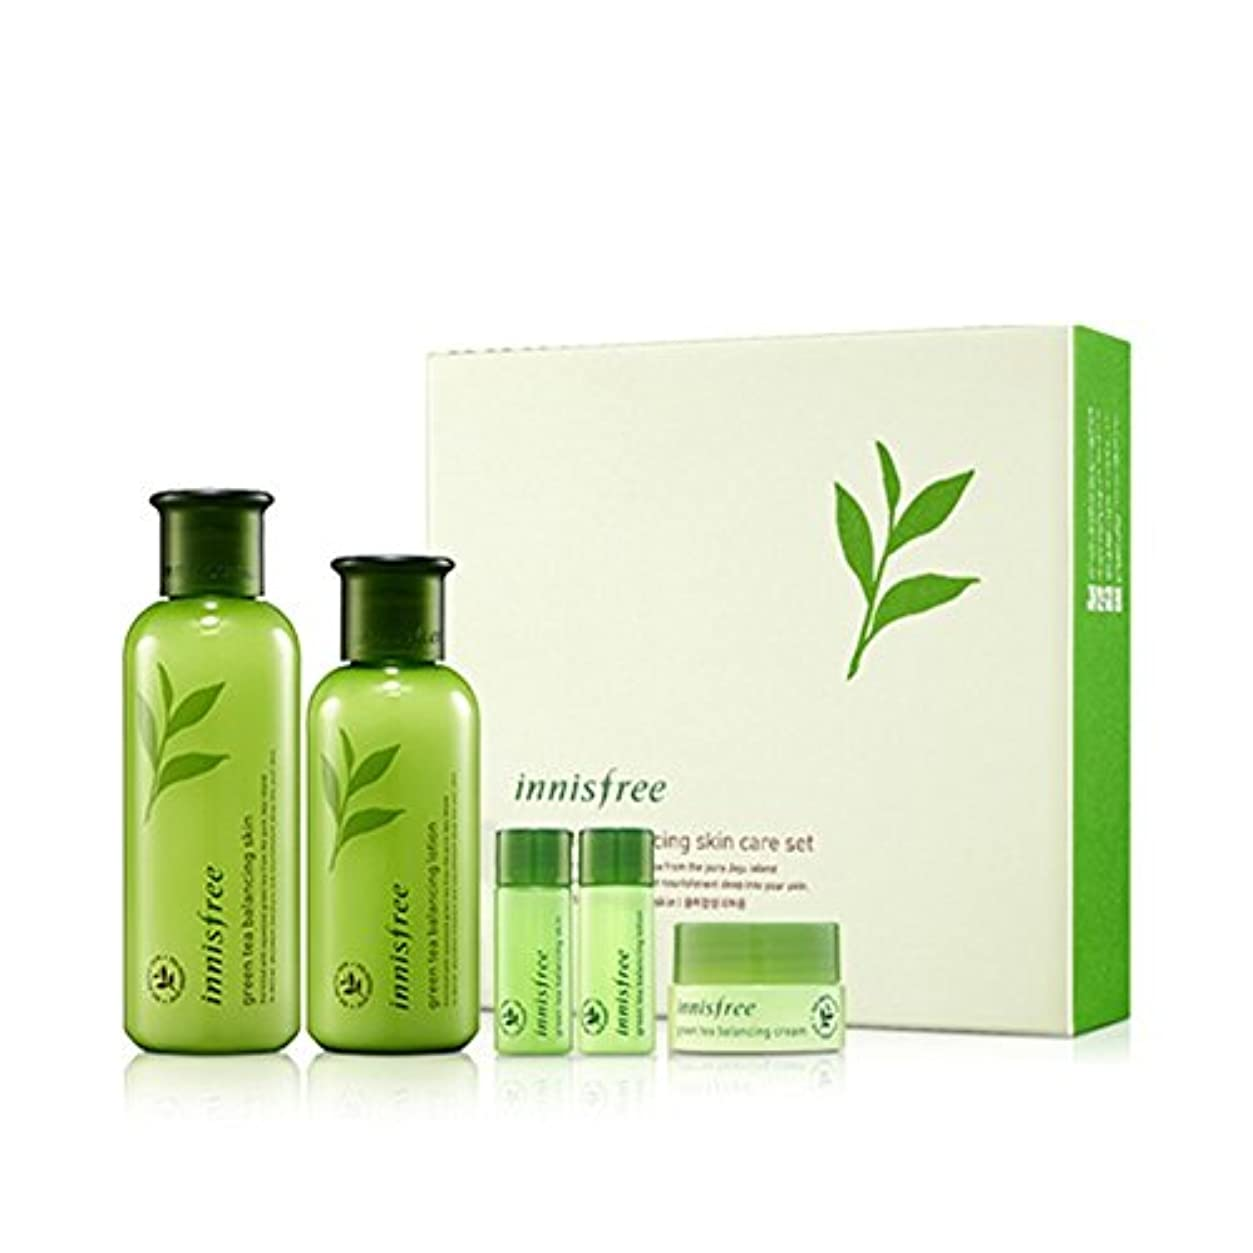 定期的に貴重な契約した[イニスフリー] Innisfree [グリーンティーバランシングスペシャルスキンケアセット] Green Tea Balancing Special Skin Care Set [海外直送品]